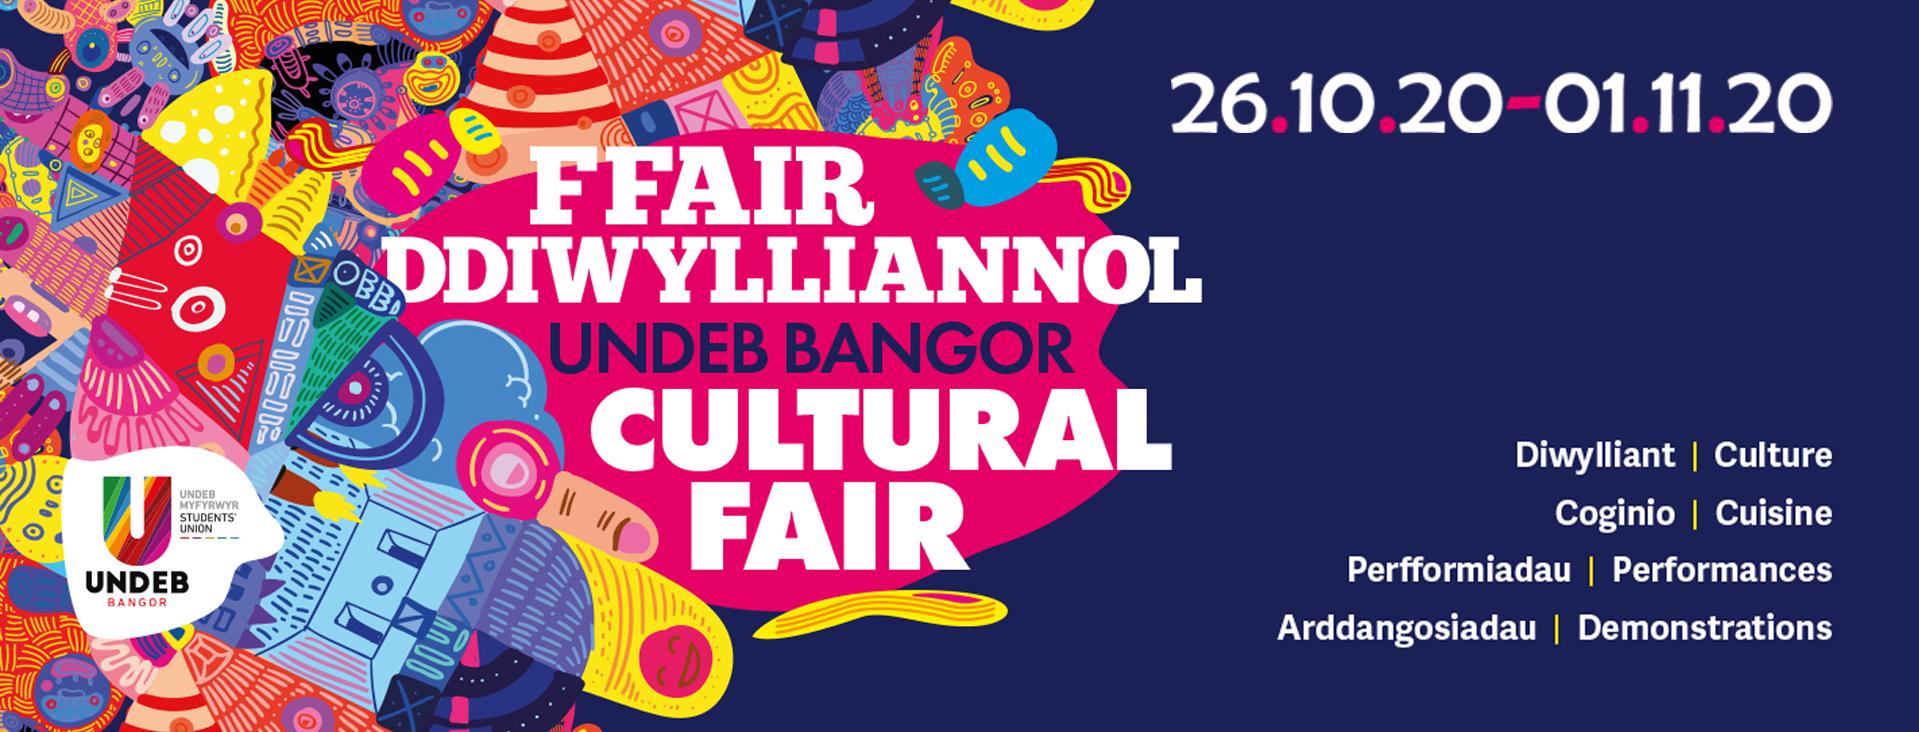 Cultural fair 2020 web banner